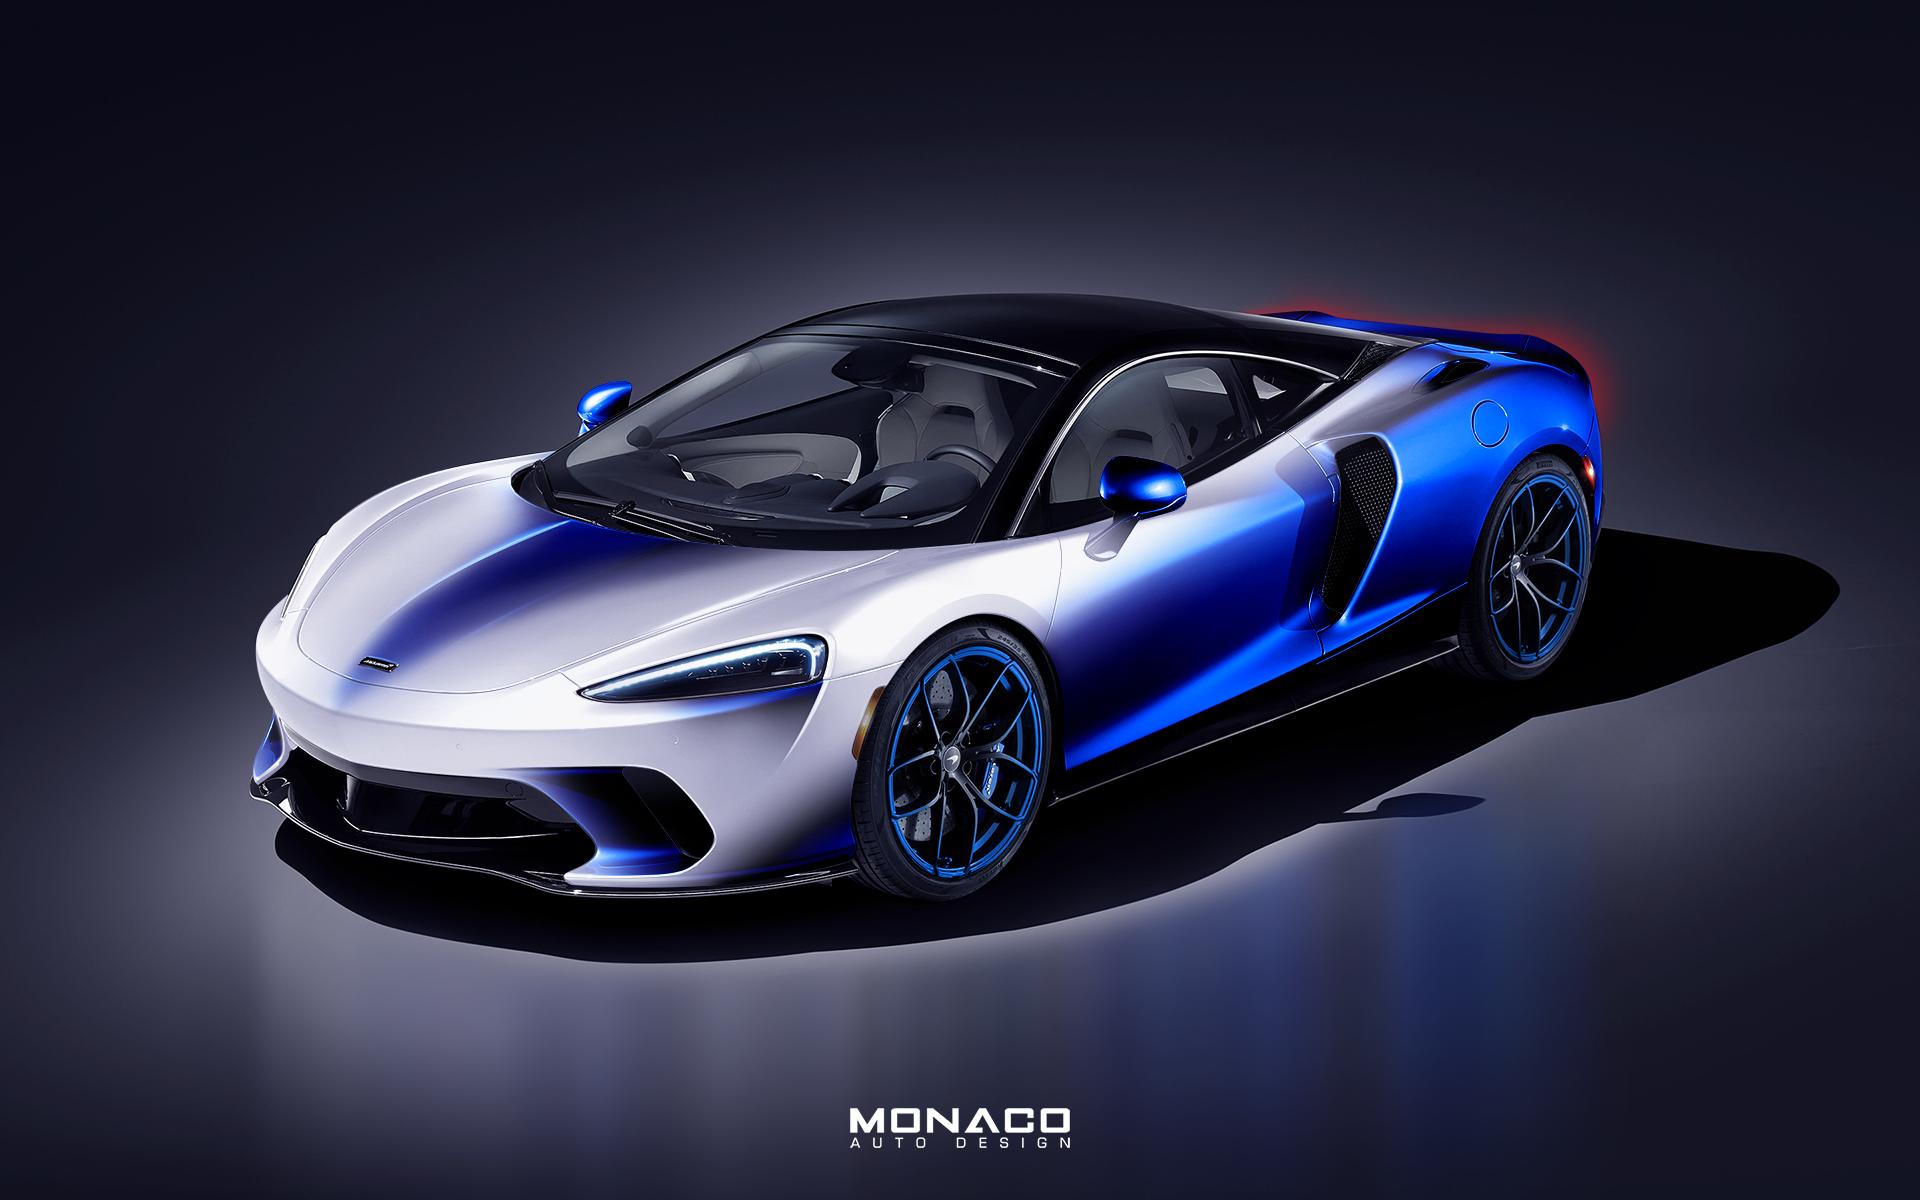 mclaren_gt_mso_monacoautodesign.png